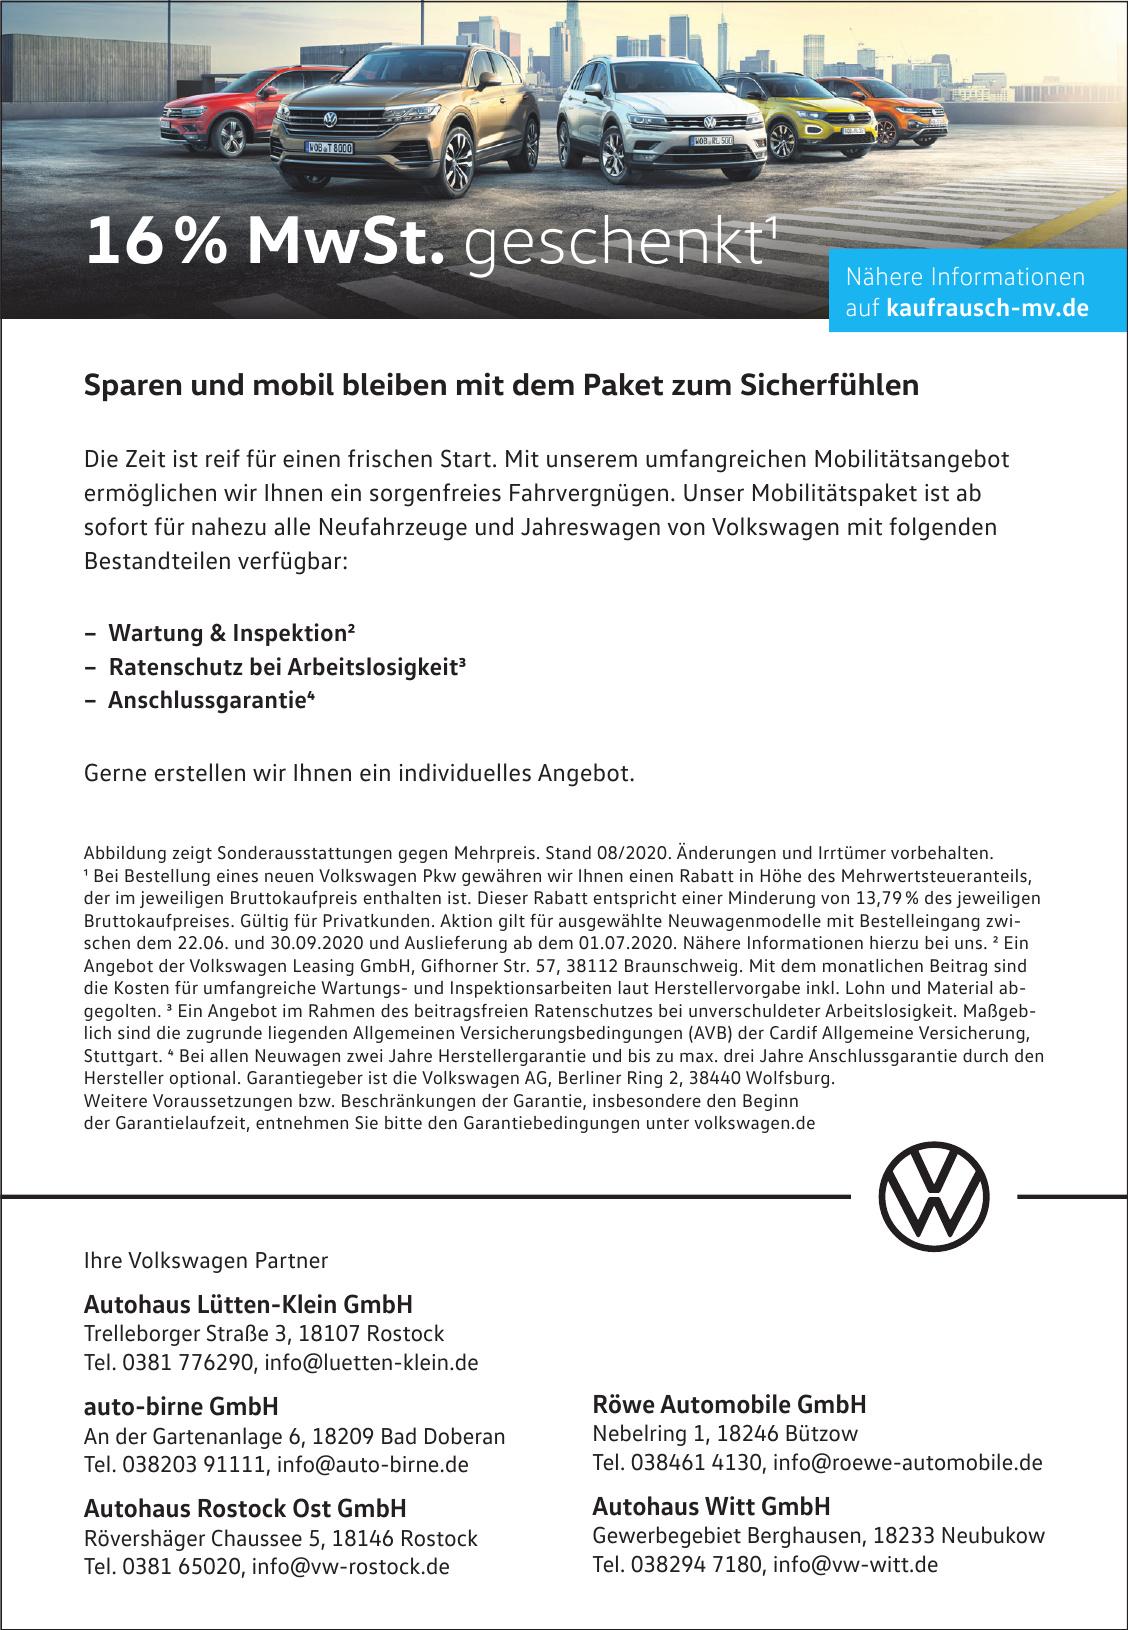 Autohaus Lütten-Klein GmbH